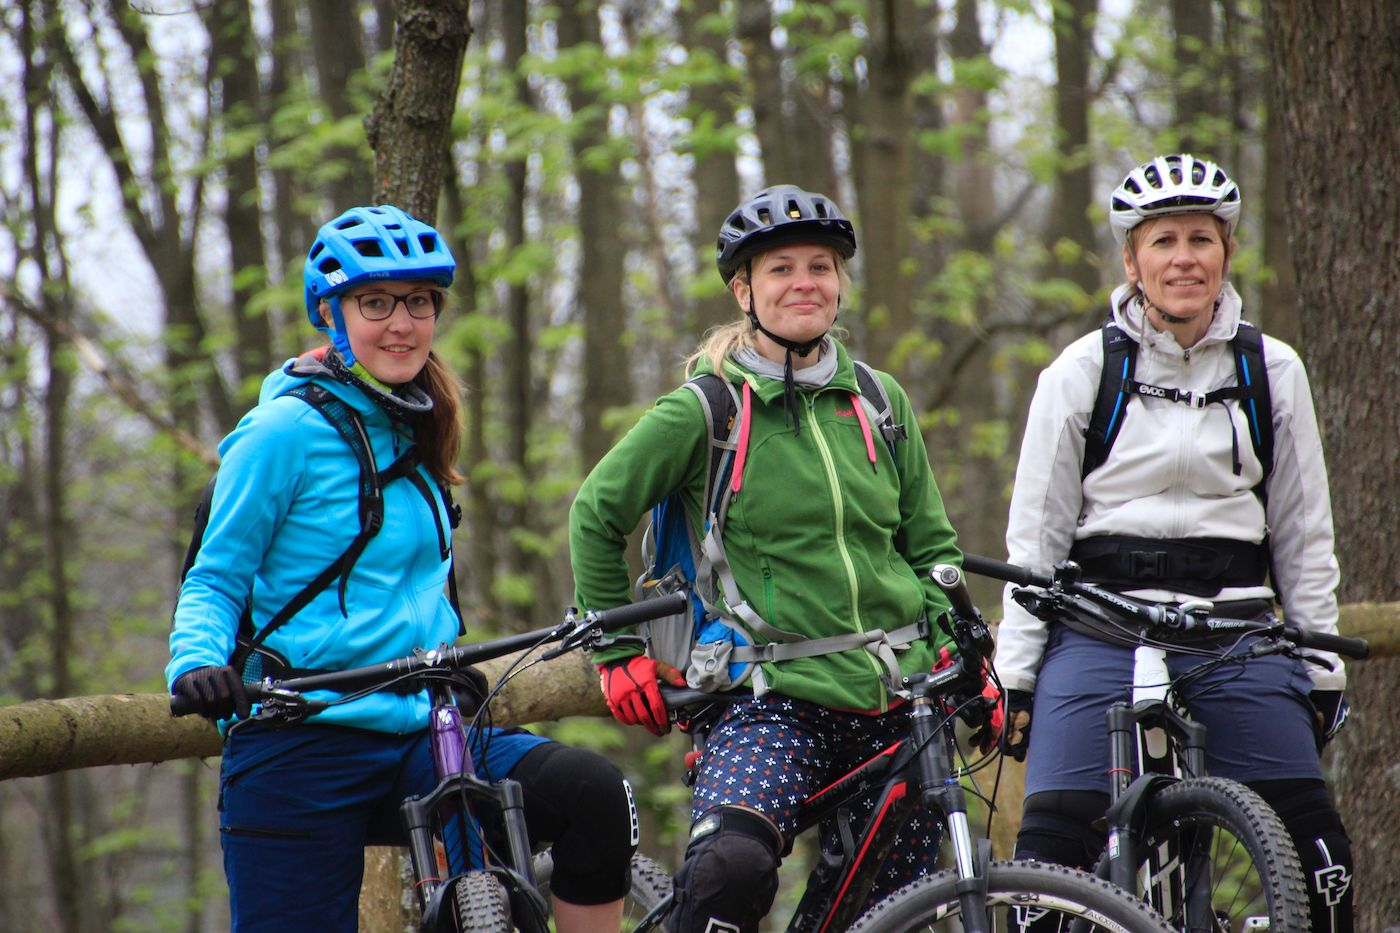 MTB Fahrtechnik Kurs Fortgeschrittene in Koblenz - Mountainbike Fortgeschritten - Rock my Trail Bikeschule